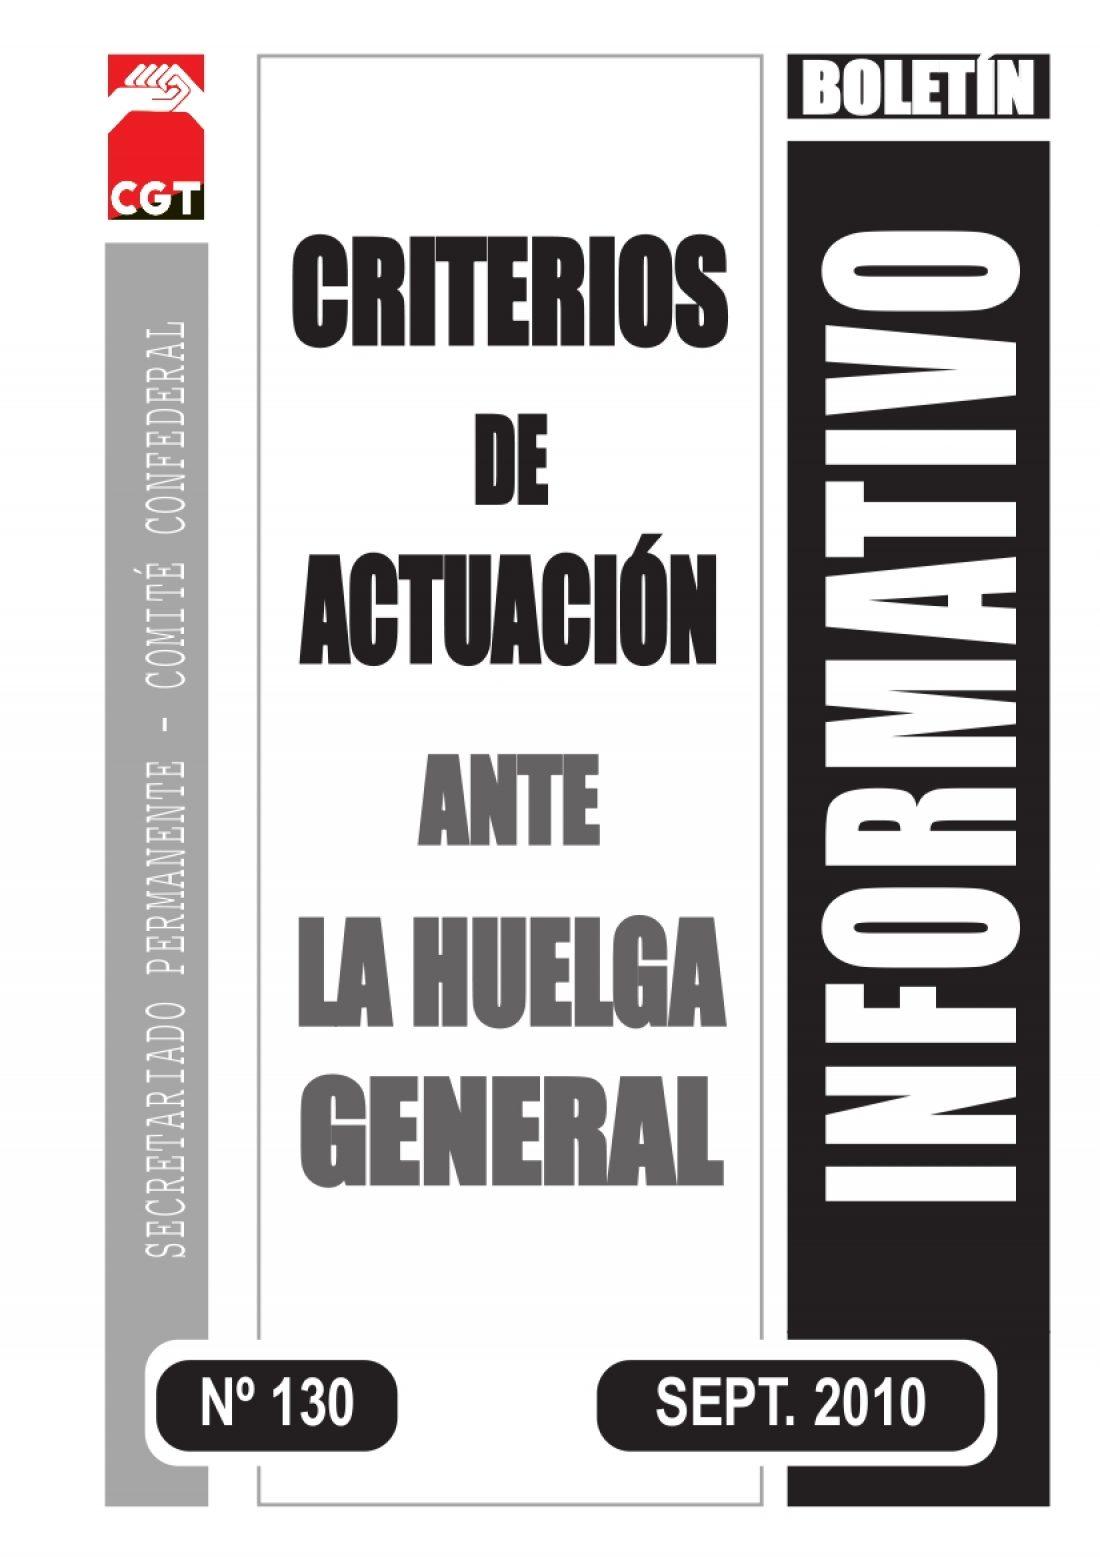 130. Criterios de actuación ante la Huelga General